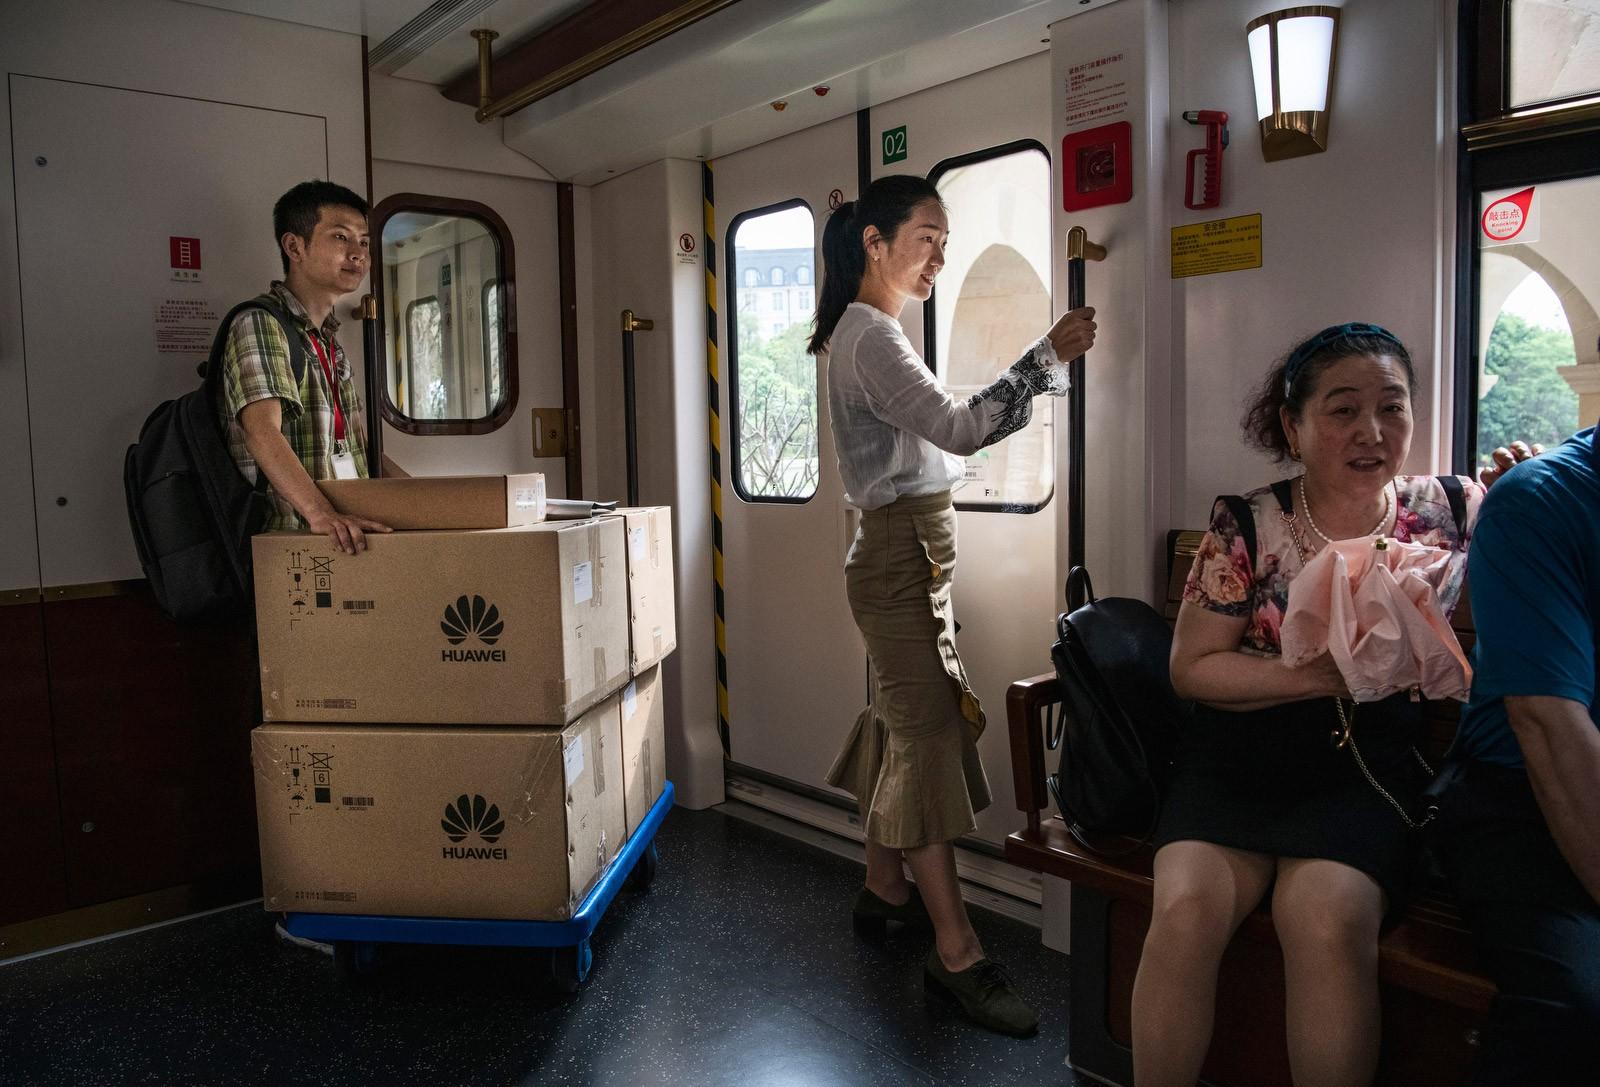 Bên trong Huawei: Đế chế công nghệ bí ẩn của thế giới nhưng là niềm mơ ước của người lao động Trung Quốc - Ảnh 14.